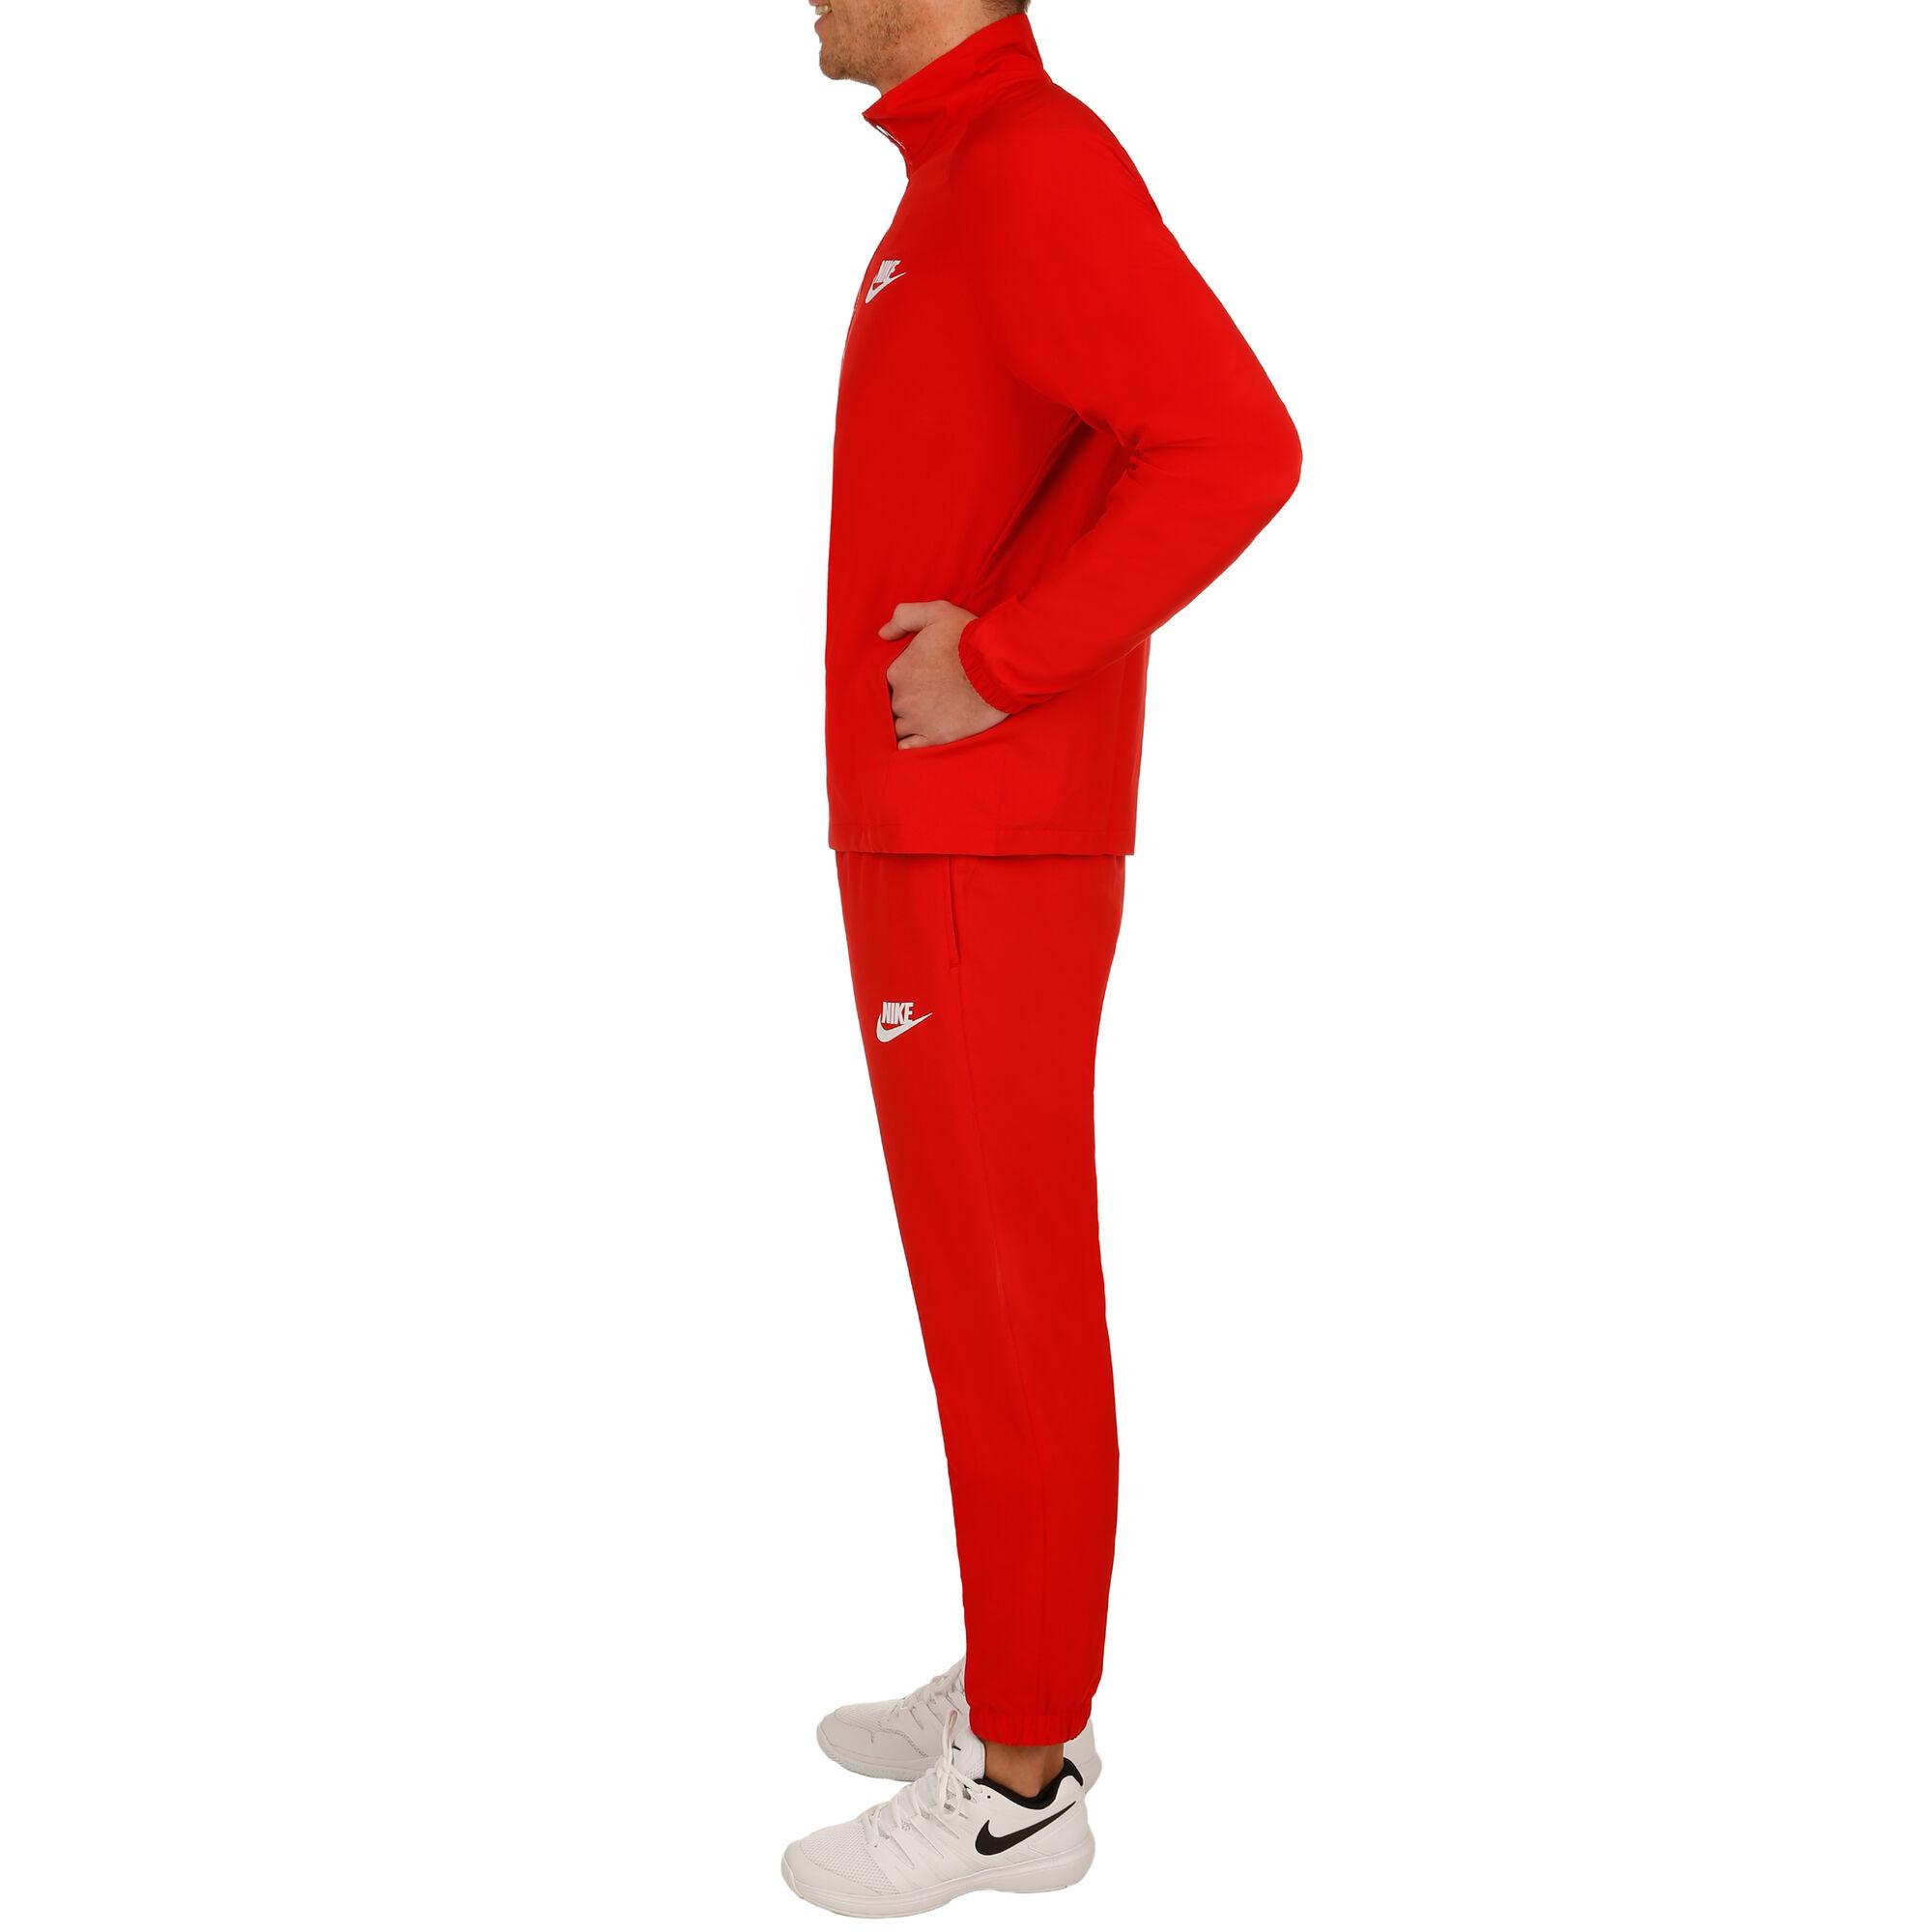 10576dbd5a35 buy Nike Sportswear Woven Tracksuit Men - Red, White online ...